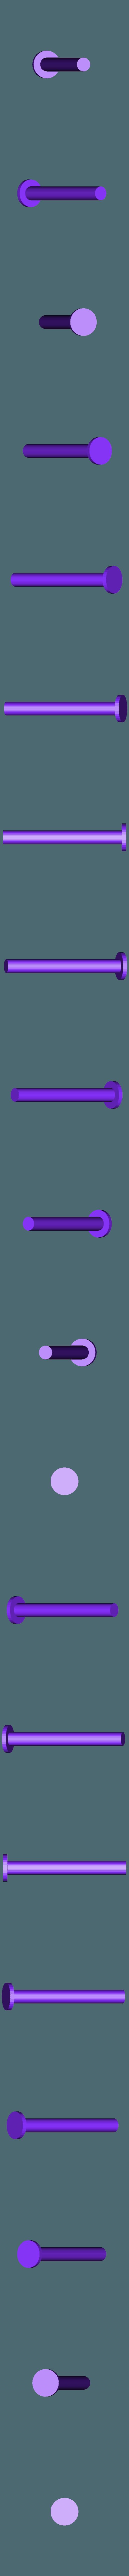 Axel.stl Télécharger fichier STL La grande roue • Plan pour imprimante 3D, Janis_Bruchwalski